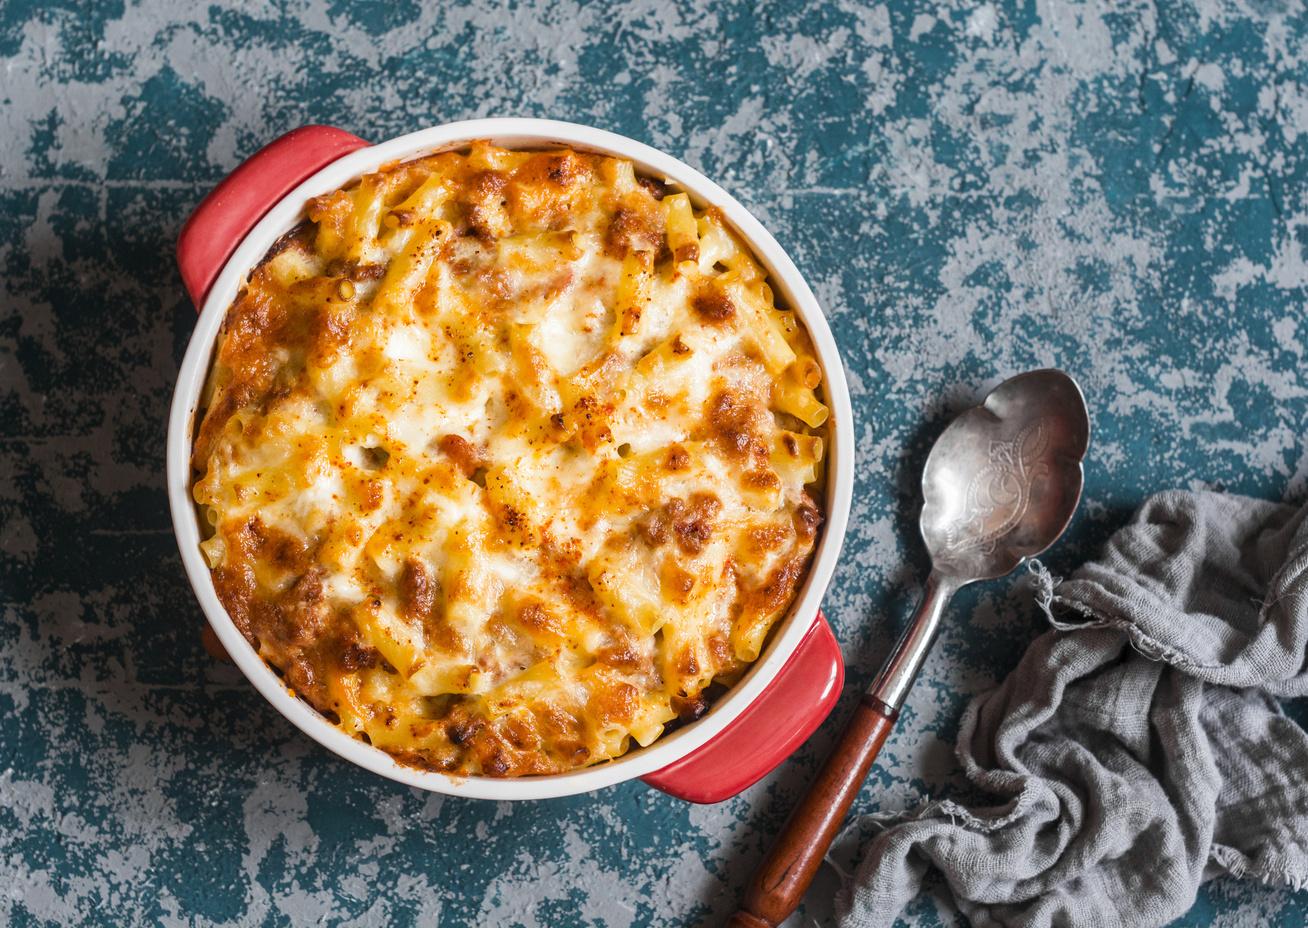 Paradicsomos makaróni a sütőből: sok fokhagymával és sajttal az igazi